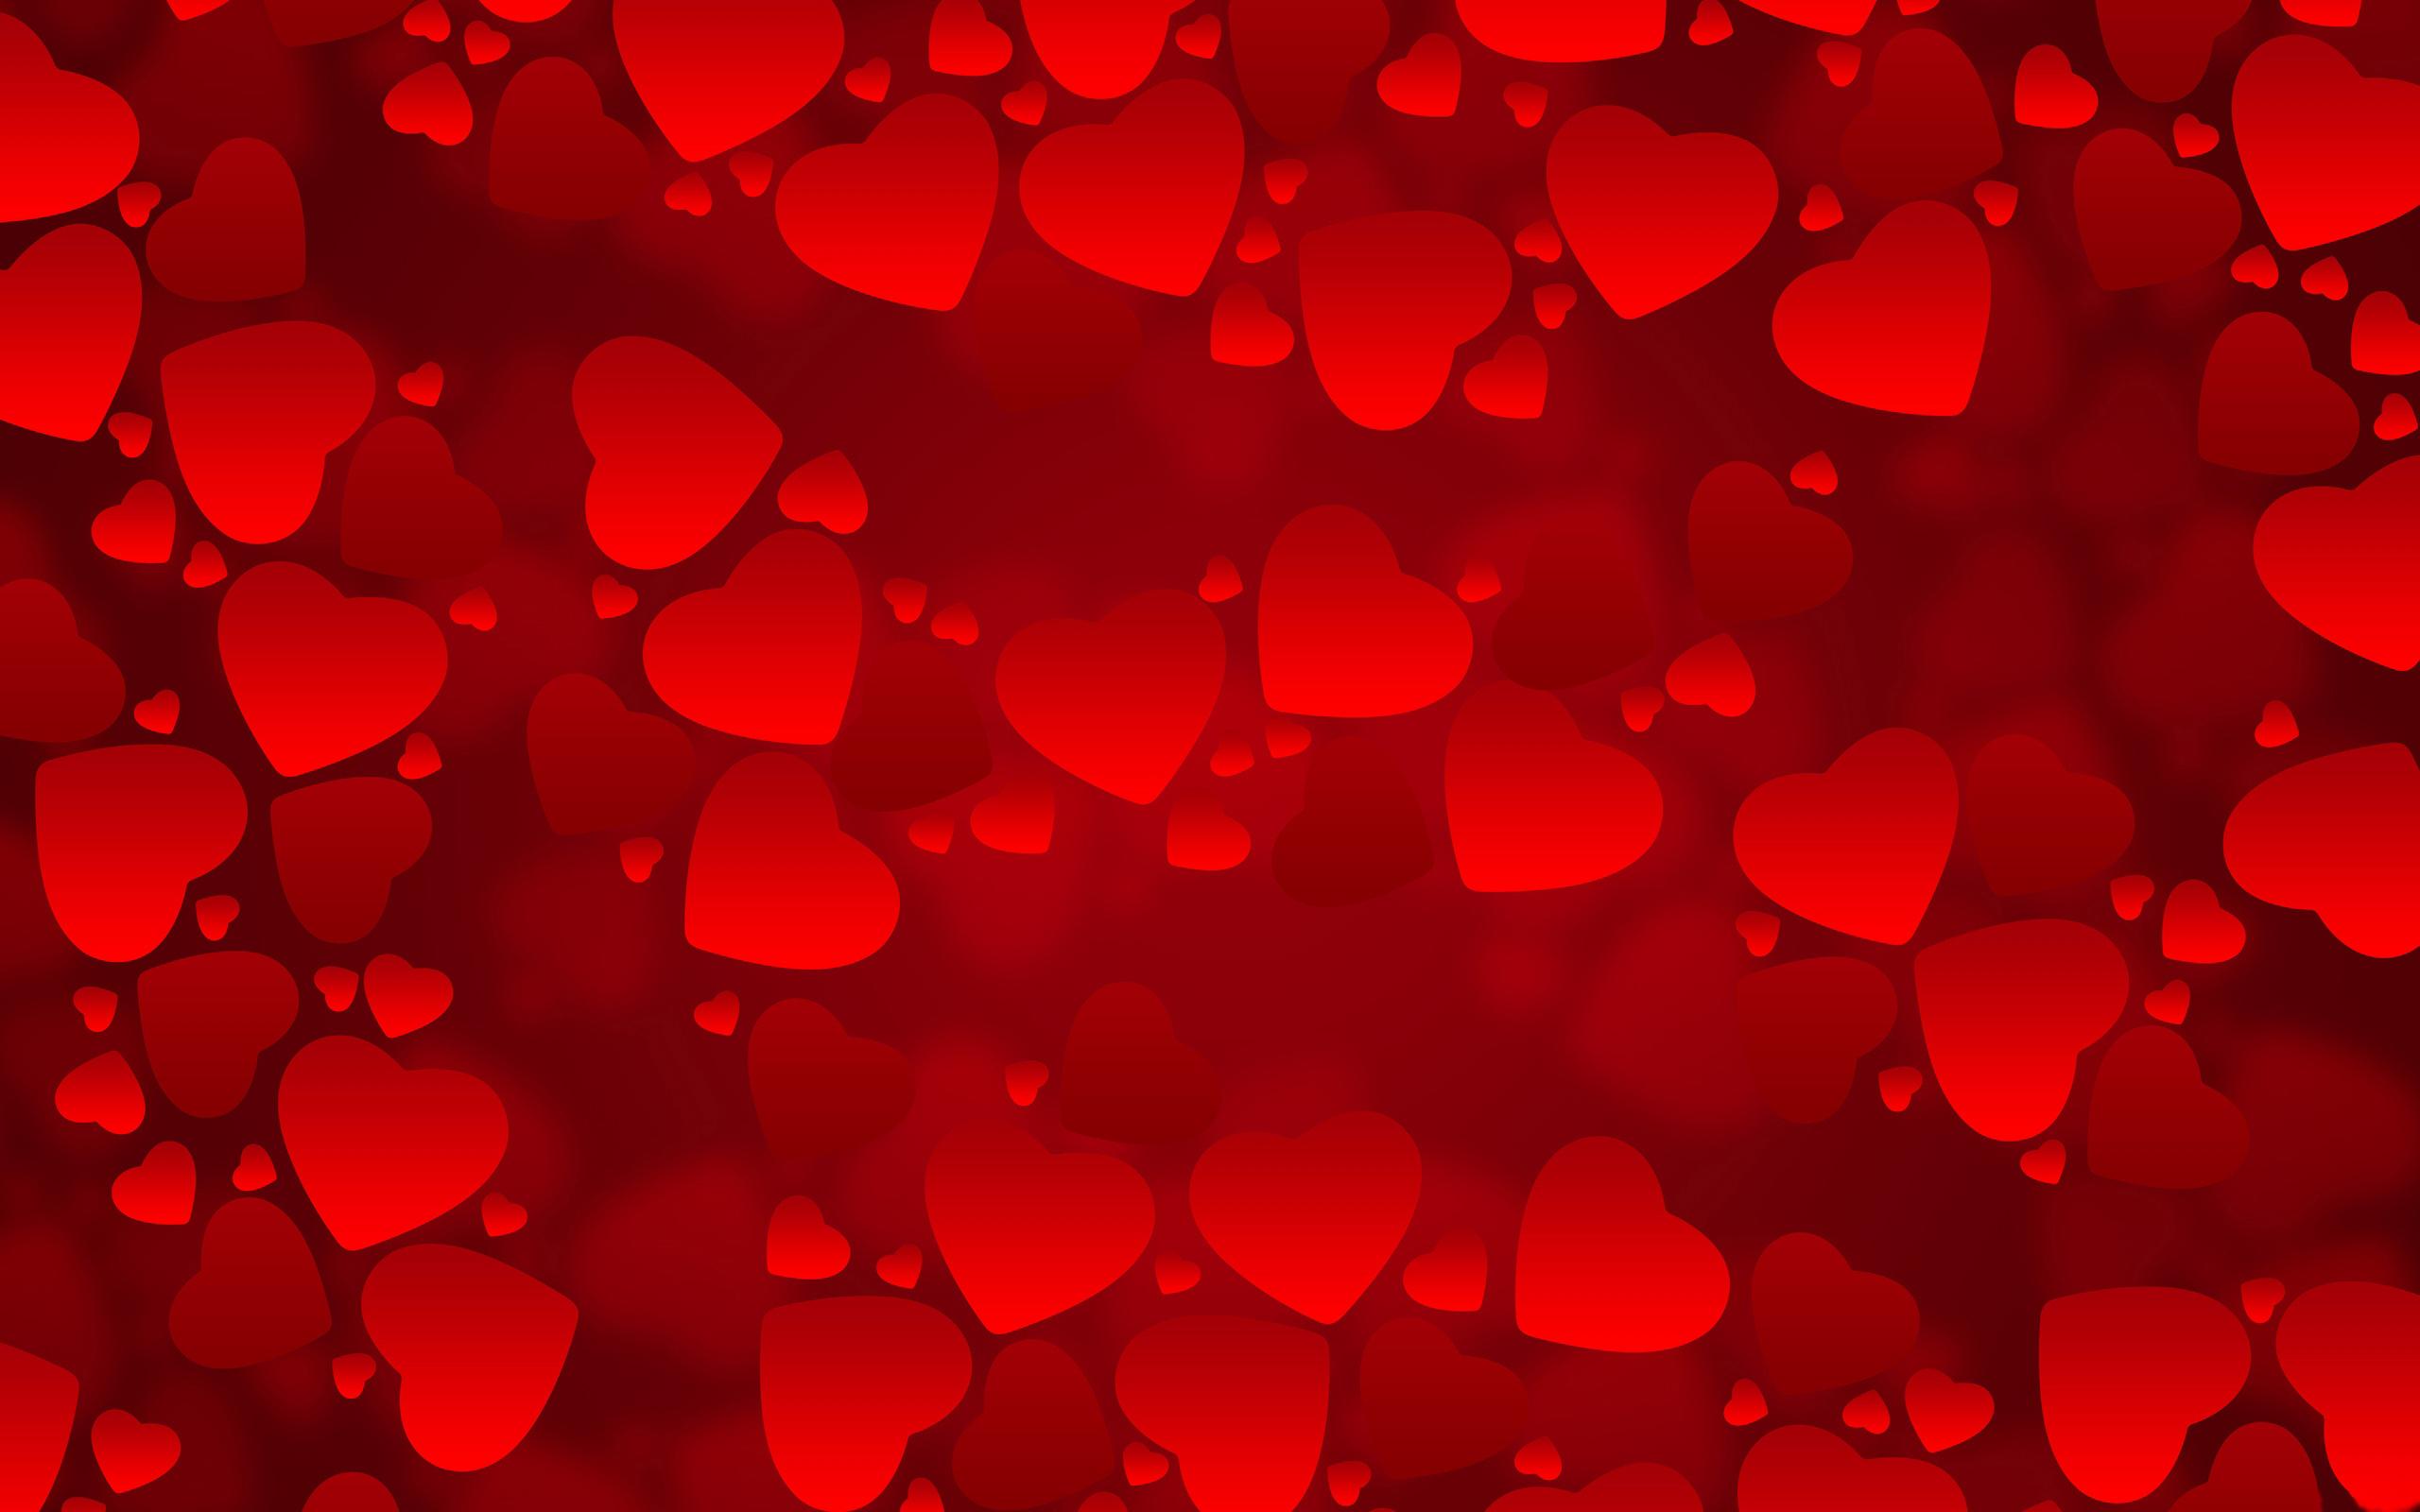 красивая картинка на красном фоне сердечек находимся рядом, поэтому